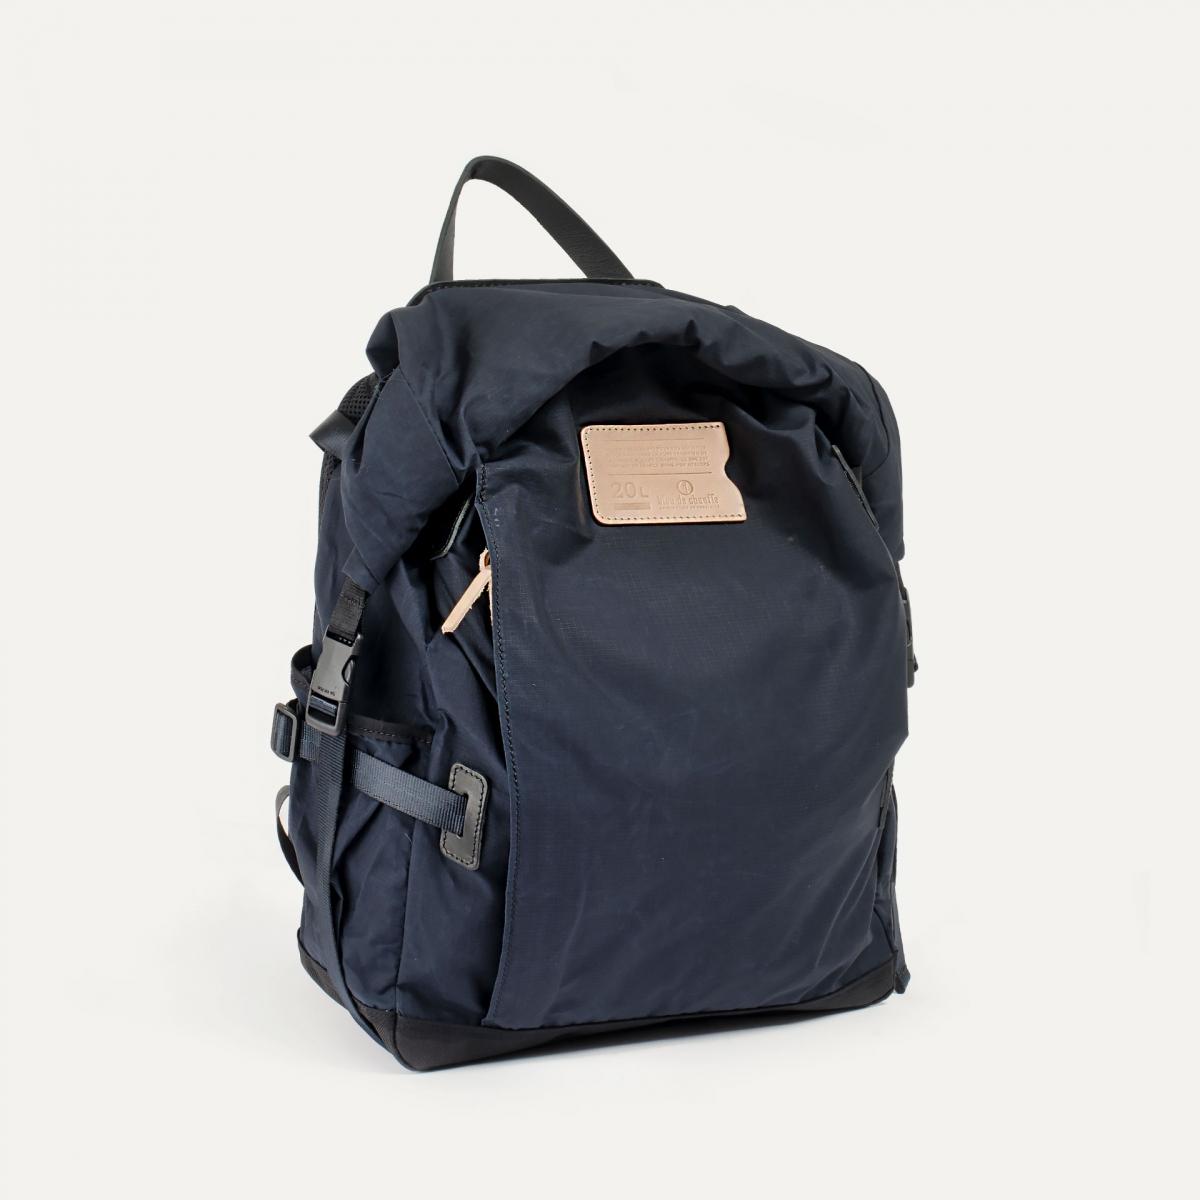 20L Basile Backpack - Hague Blue (image n°2)